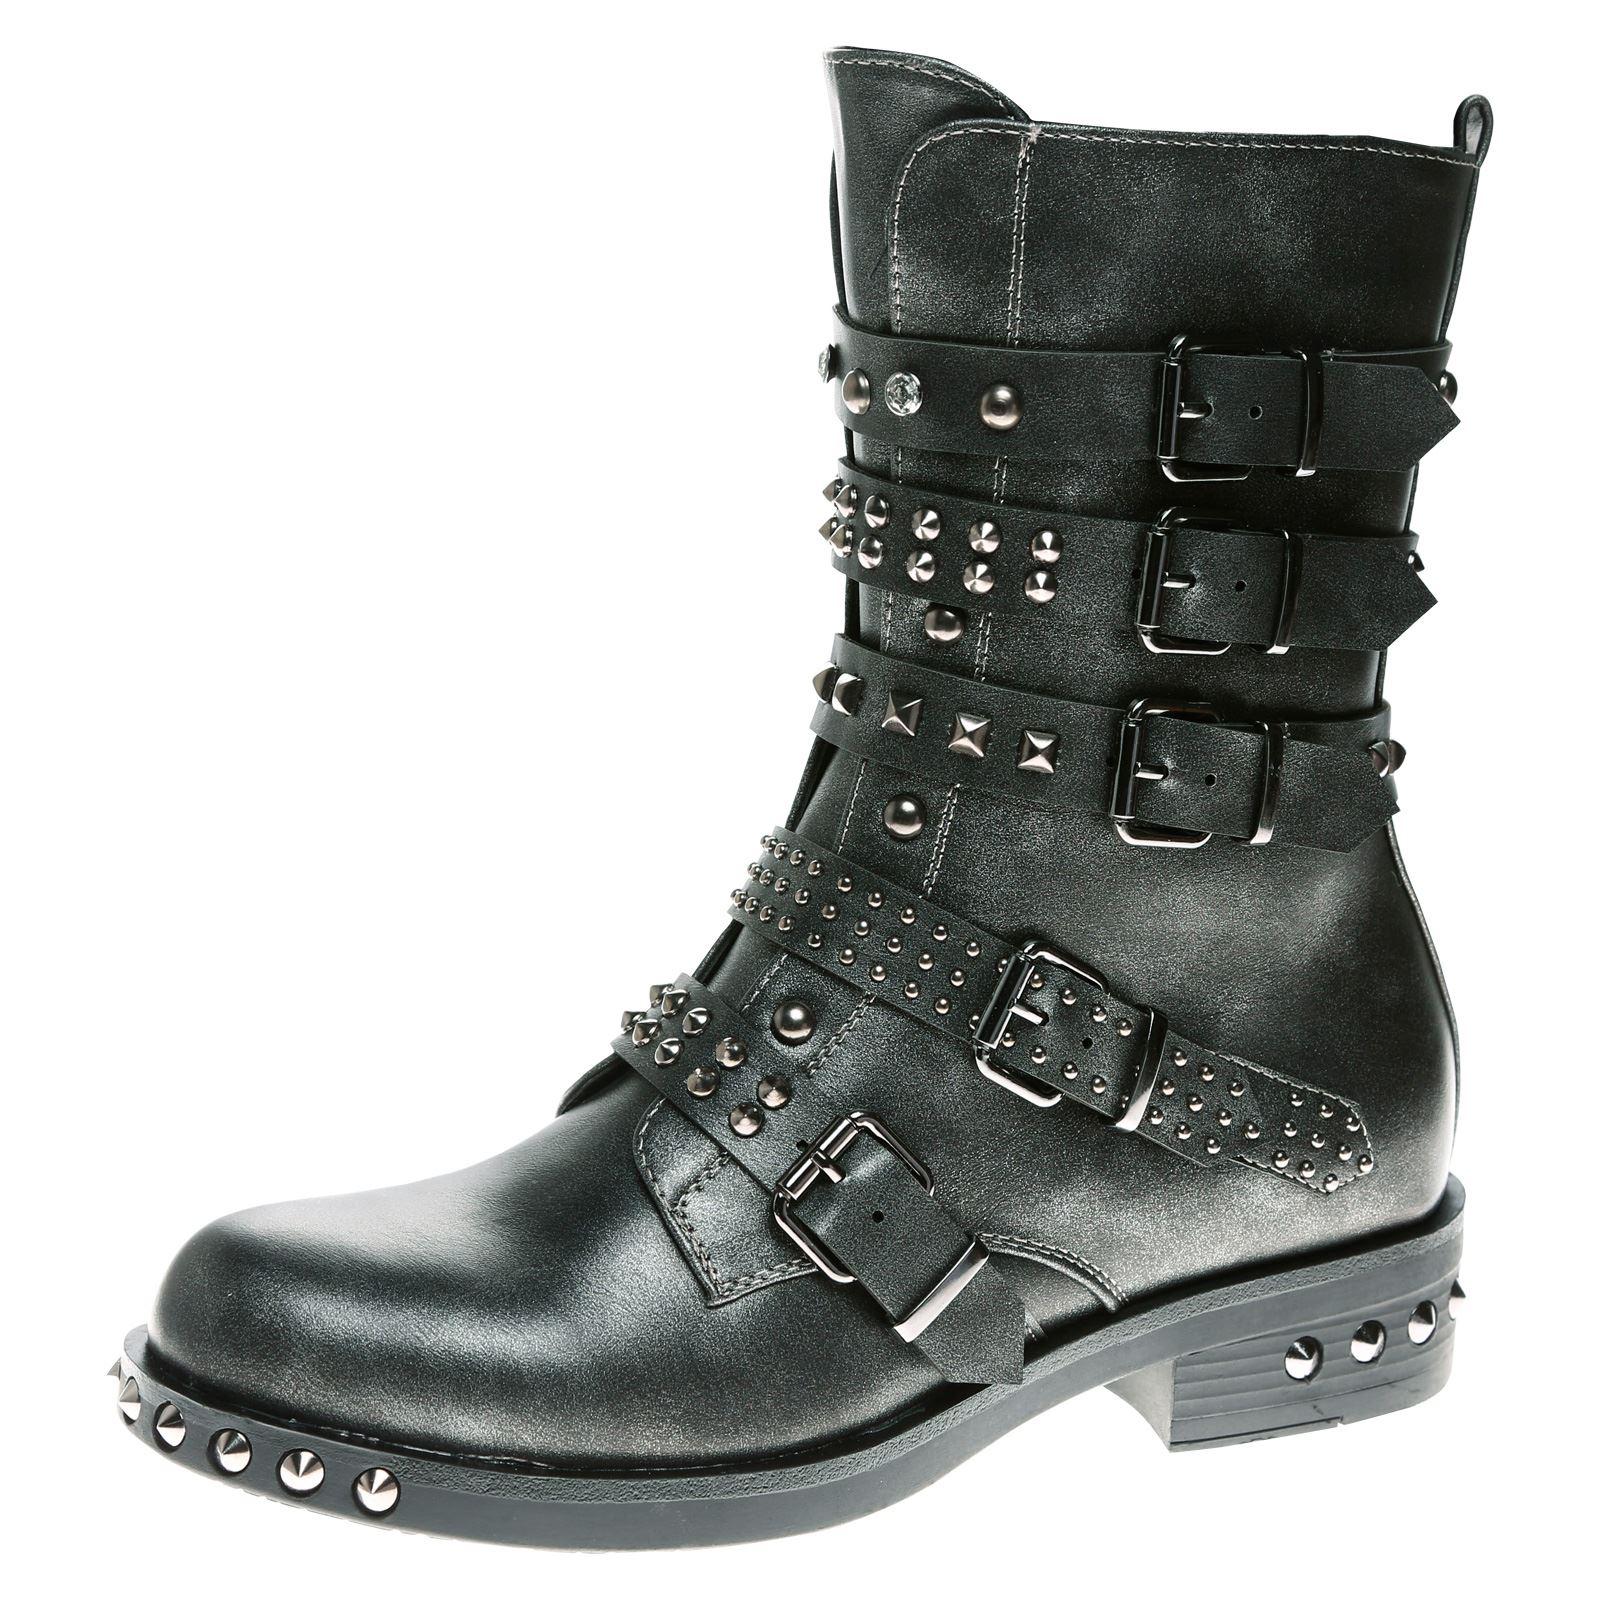 bottes bottines femme clout es boucle western motard. Black Bedroom Furniture Sets. Home Design Ideas